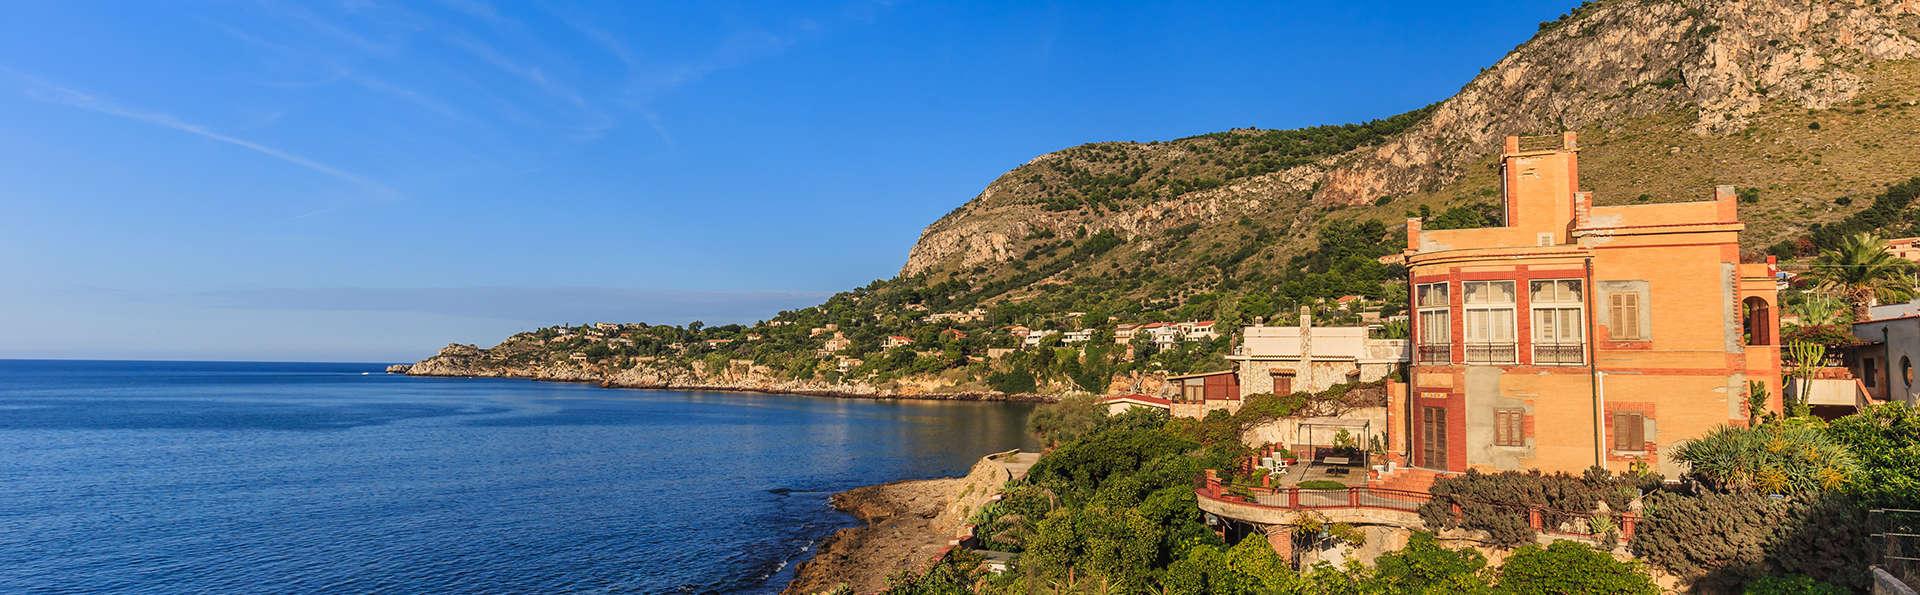 Sous le soleil de Sicile avec vue sur la mer près de Bagheria